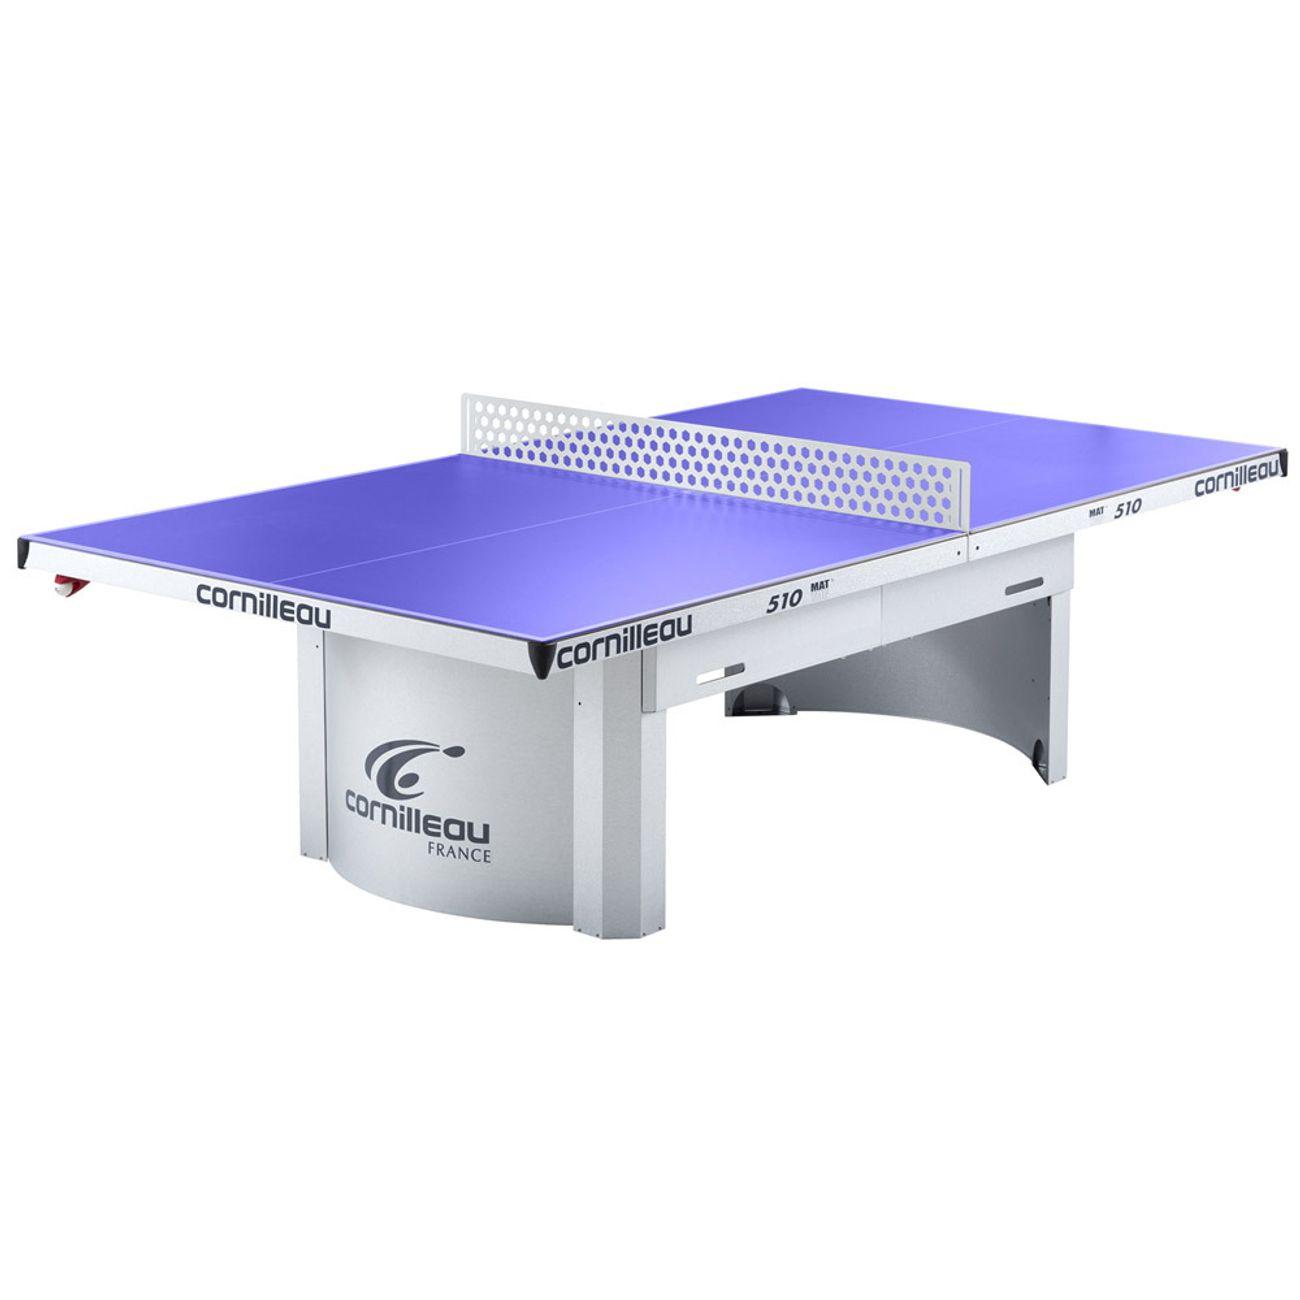 Incredible Tennis De Table Cornilleau Table Pro 510 Outdoor Couleur Bleu Download Free Architecture Designs Embacsunscenecom